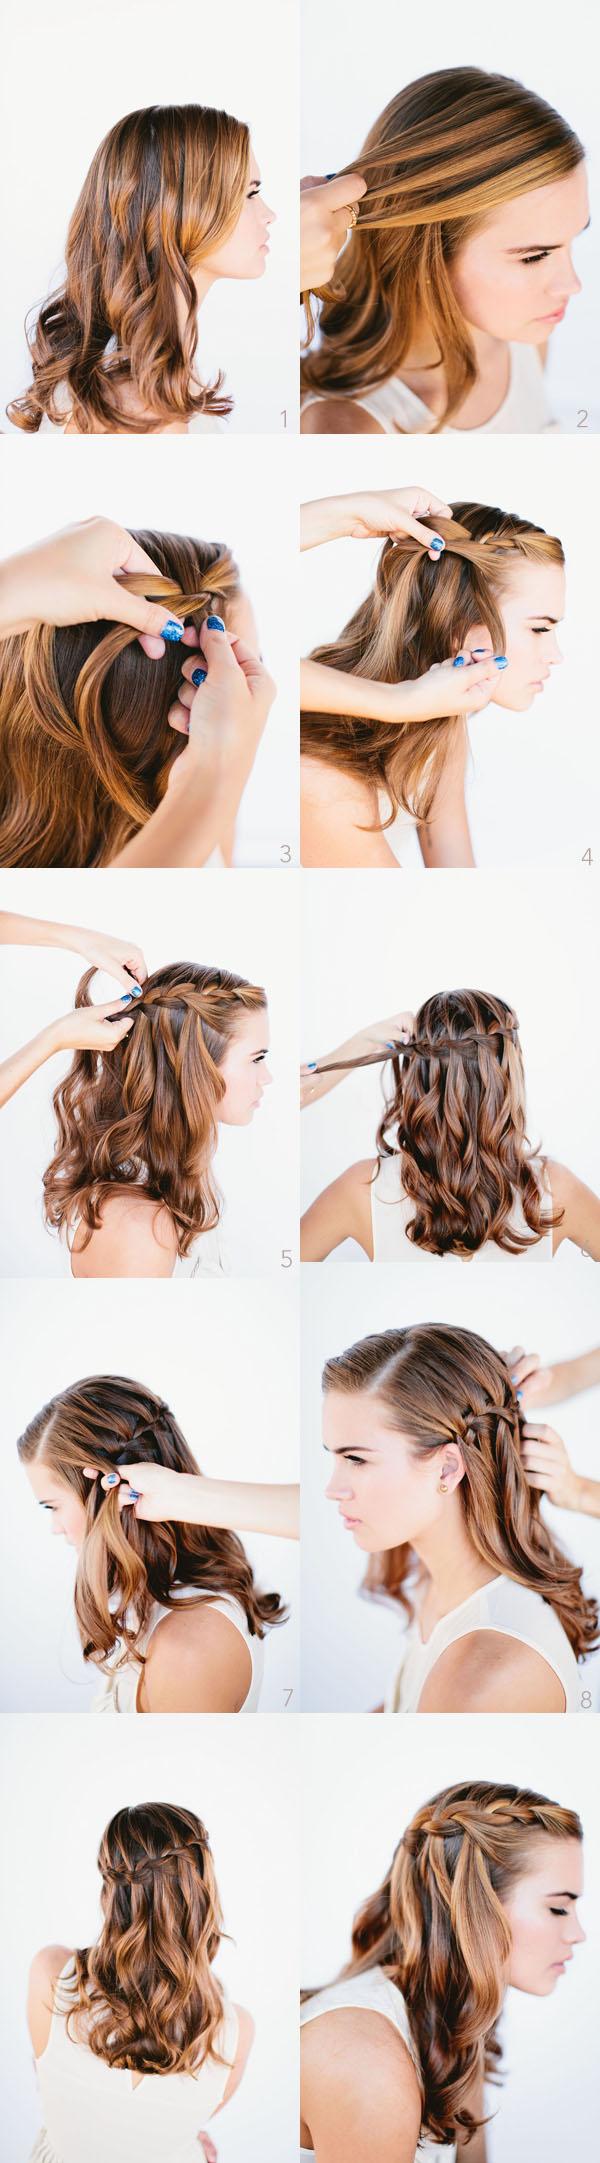 Dica de penteado rápido: trança atravessada